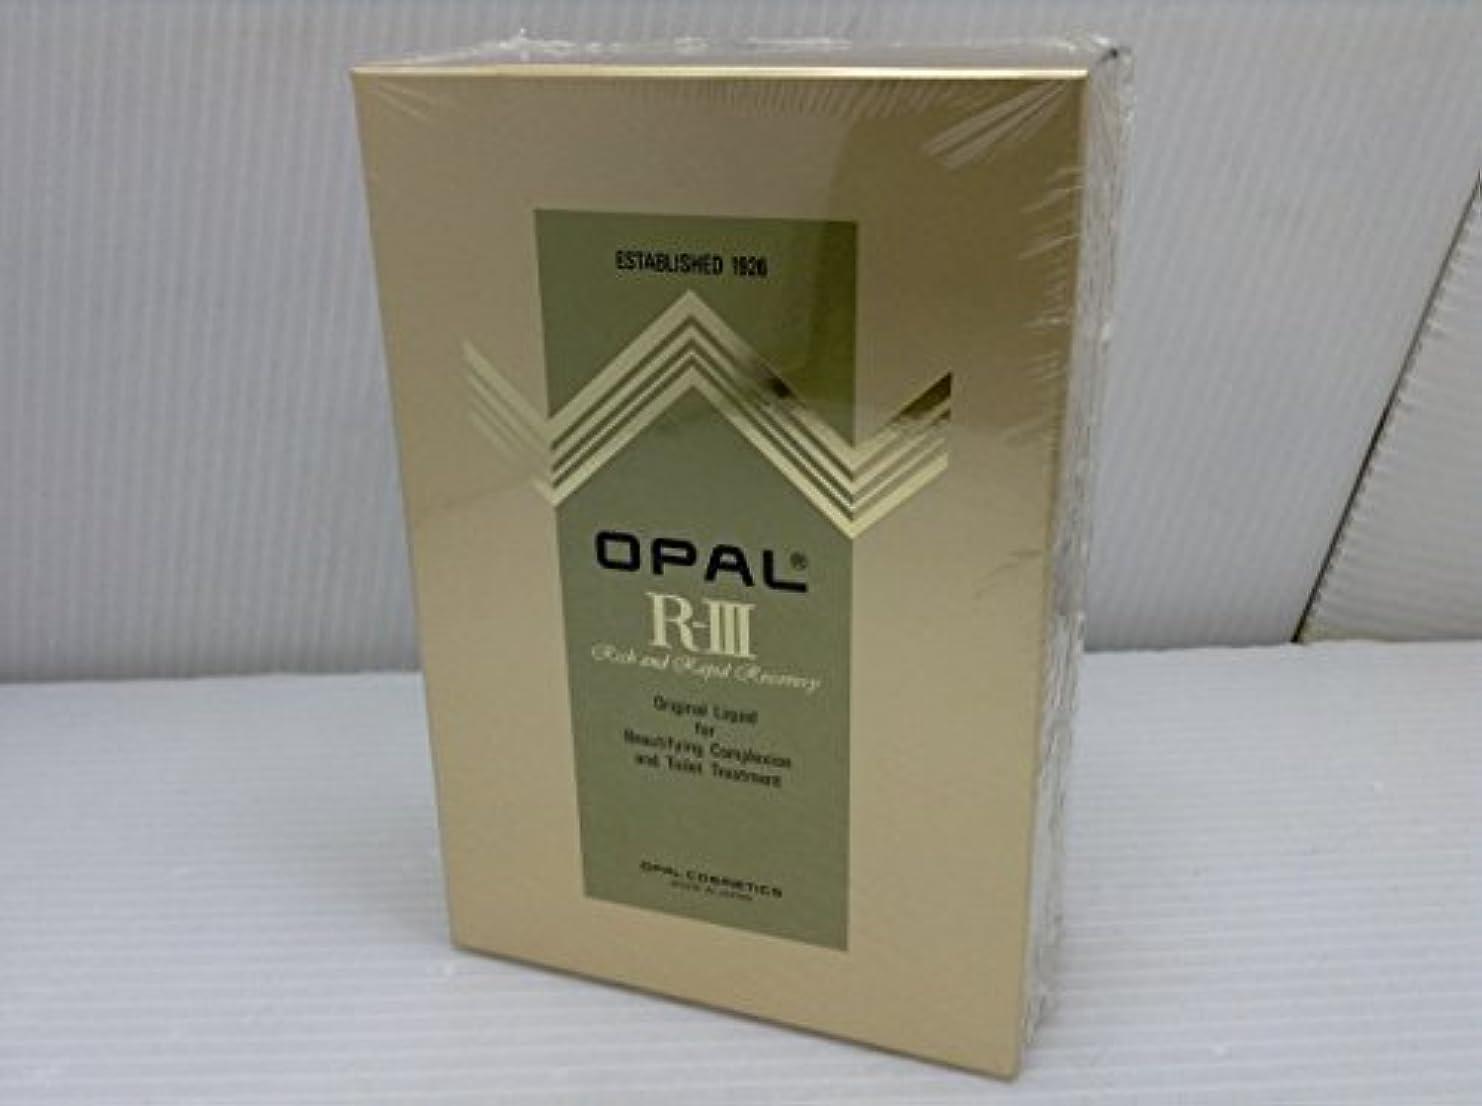 クラシカル正規化公式オパール化粧品 美容原液 薬用オパール R-III (250ml)